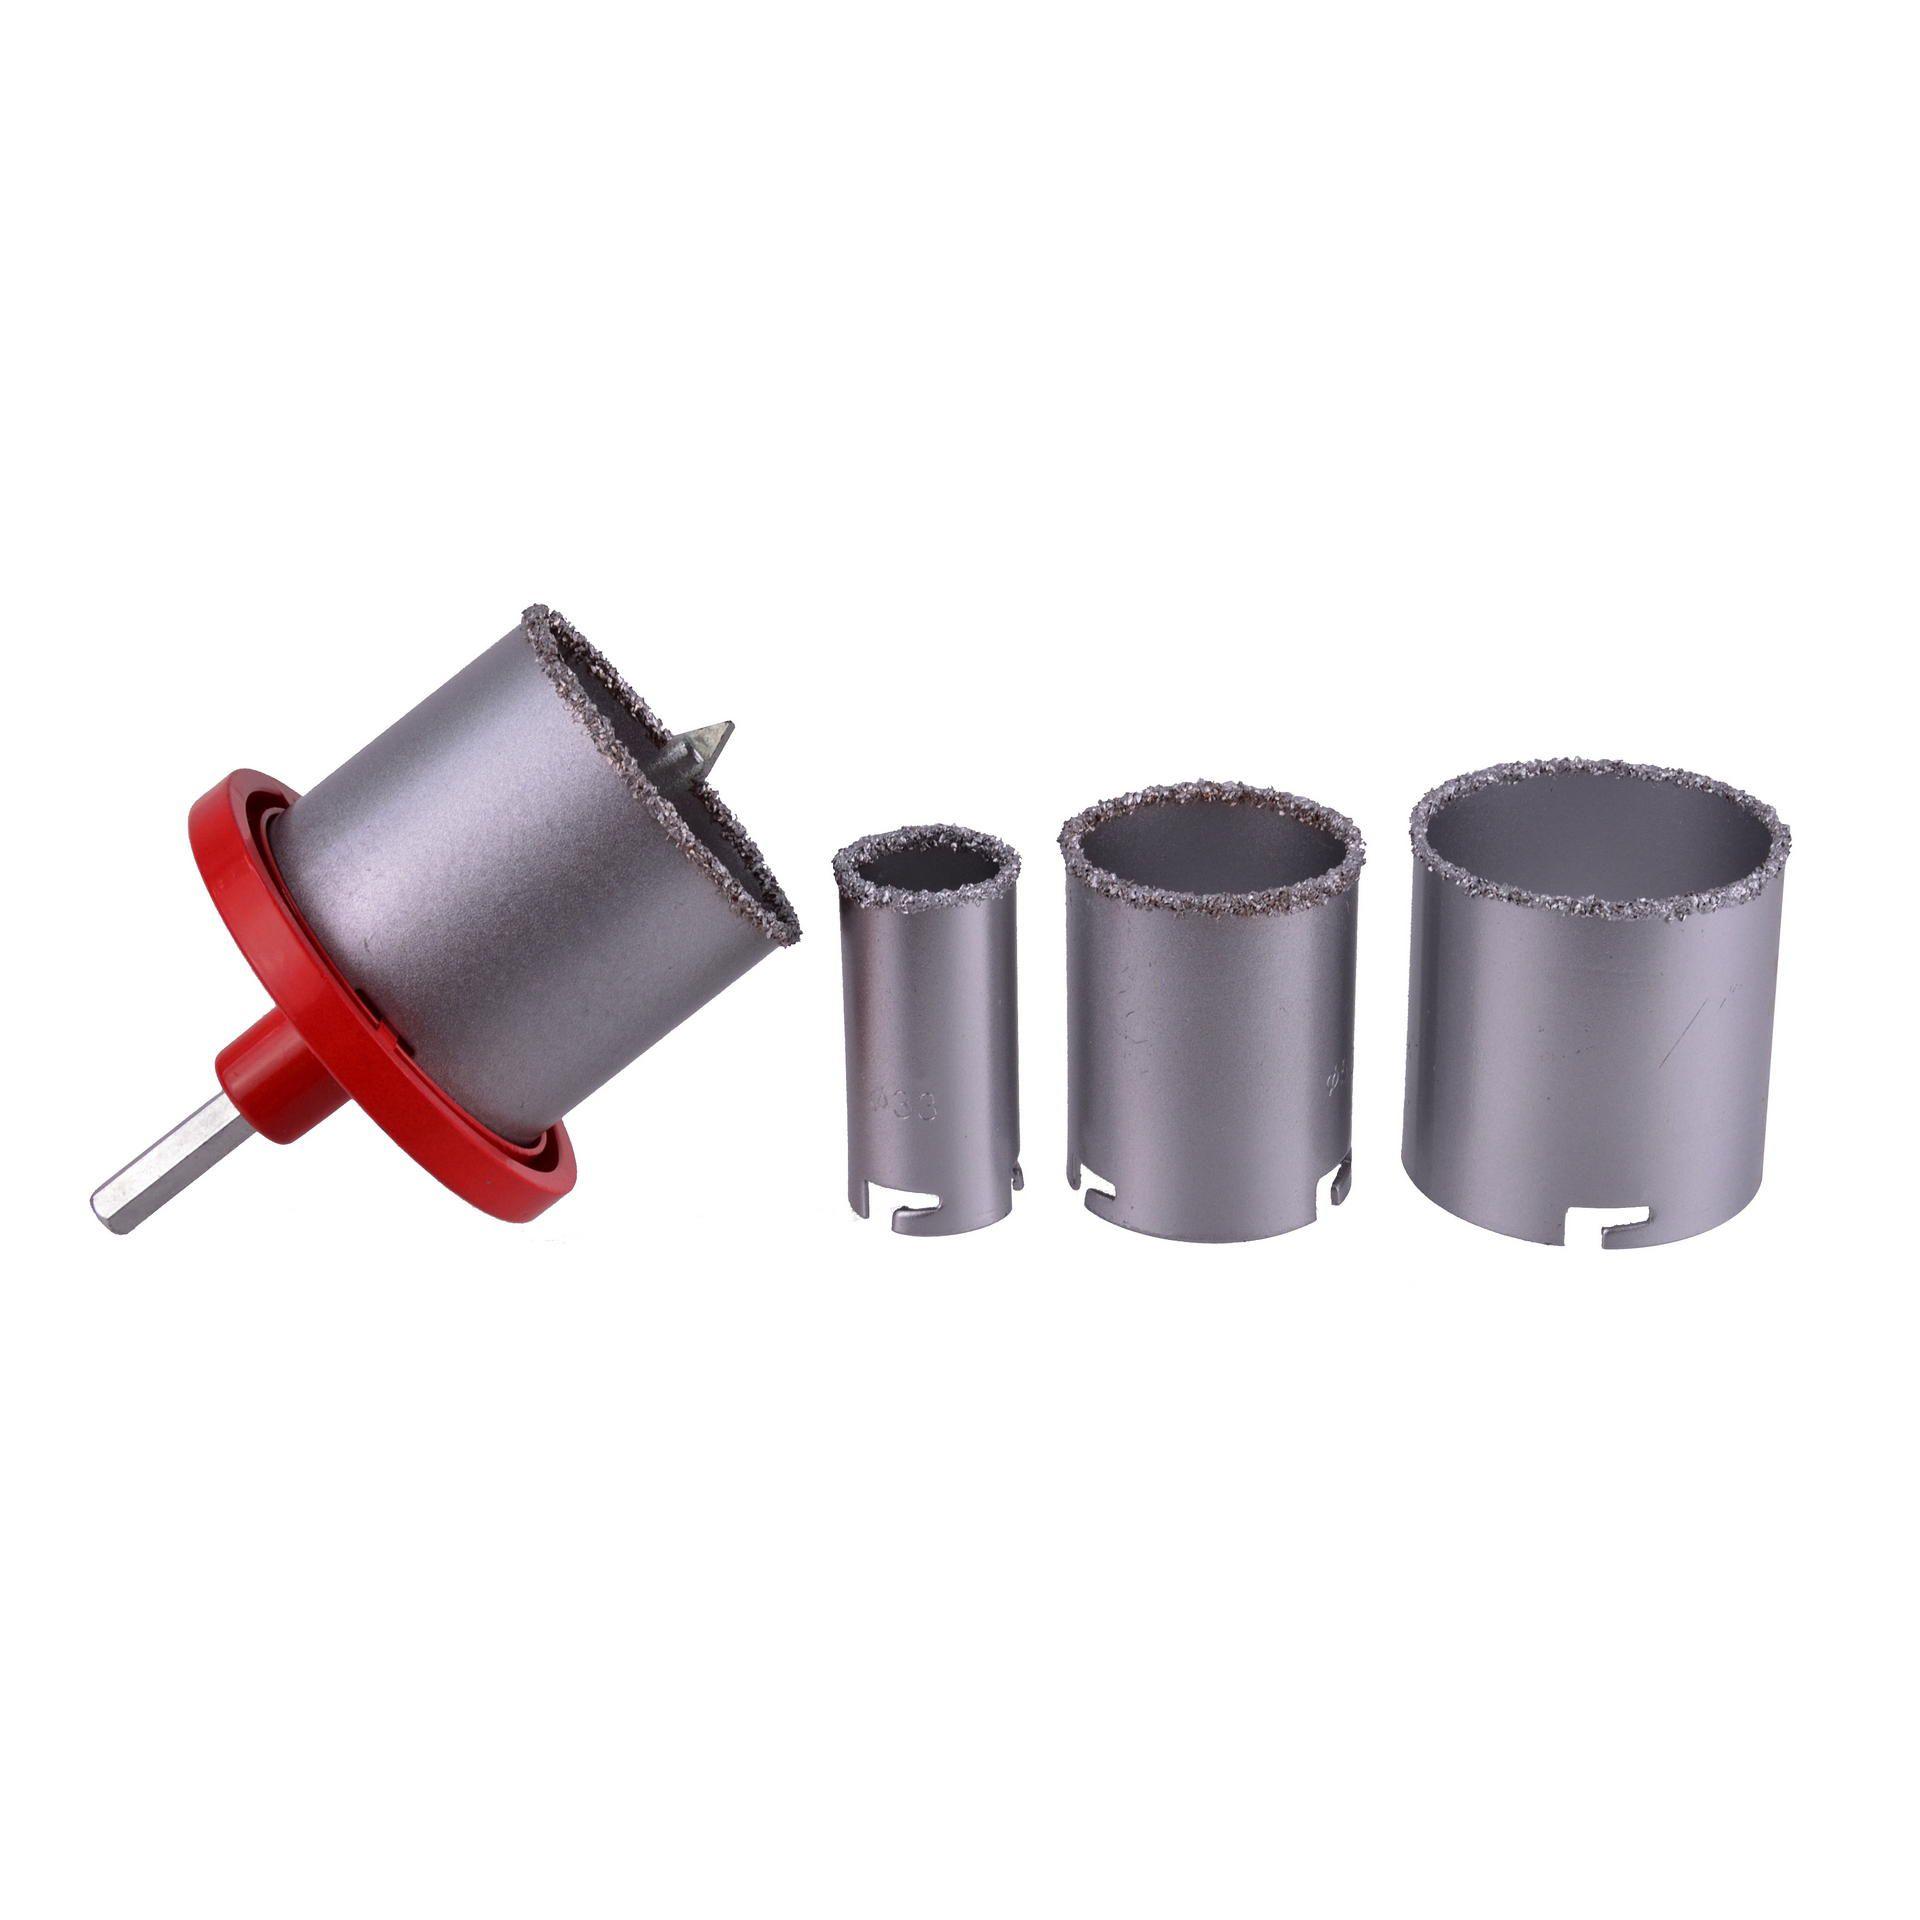 Otwornica wolframowa do glazury 33-73mm 4el. GEKO